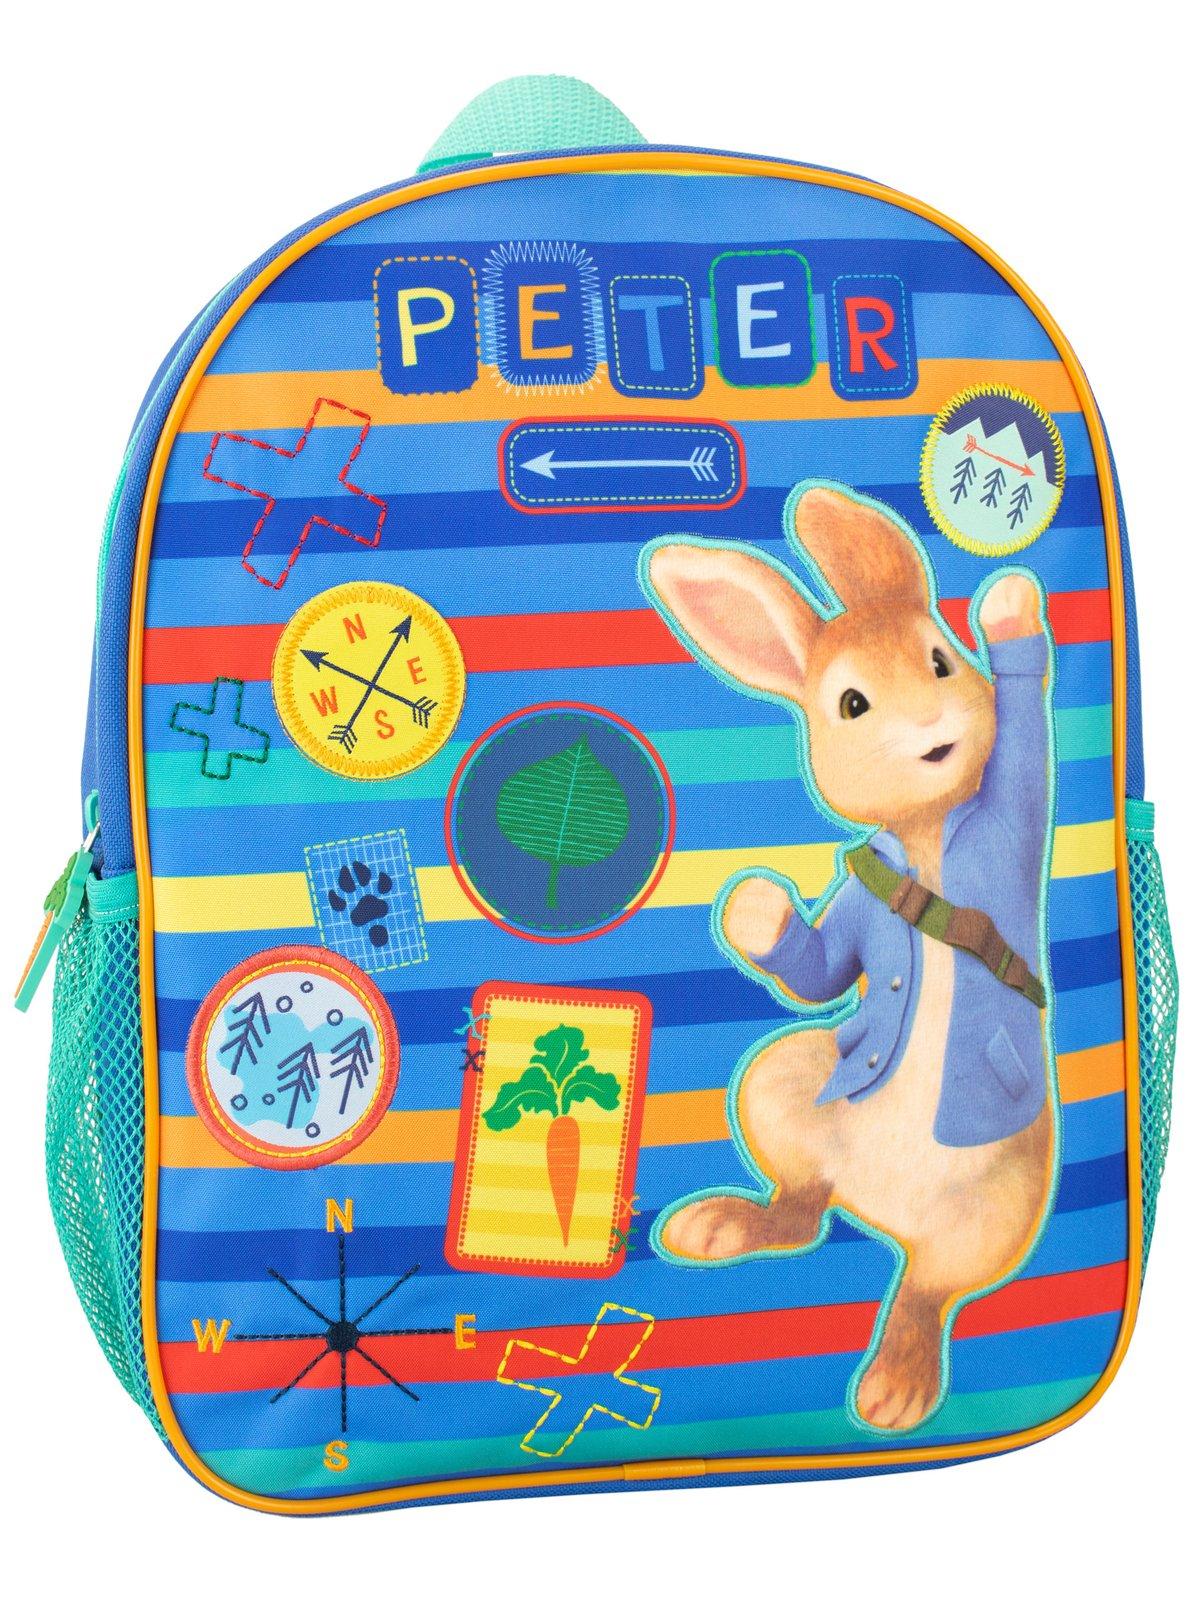 Peter Rabbit kids backpack - £1.95 / £5.90 delivered @ Character.com